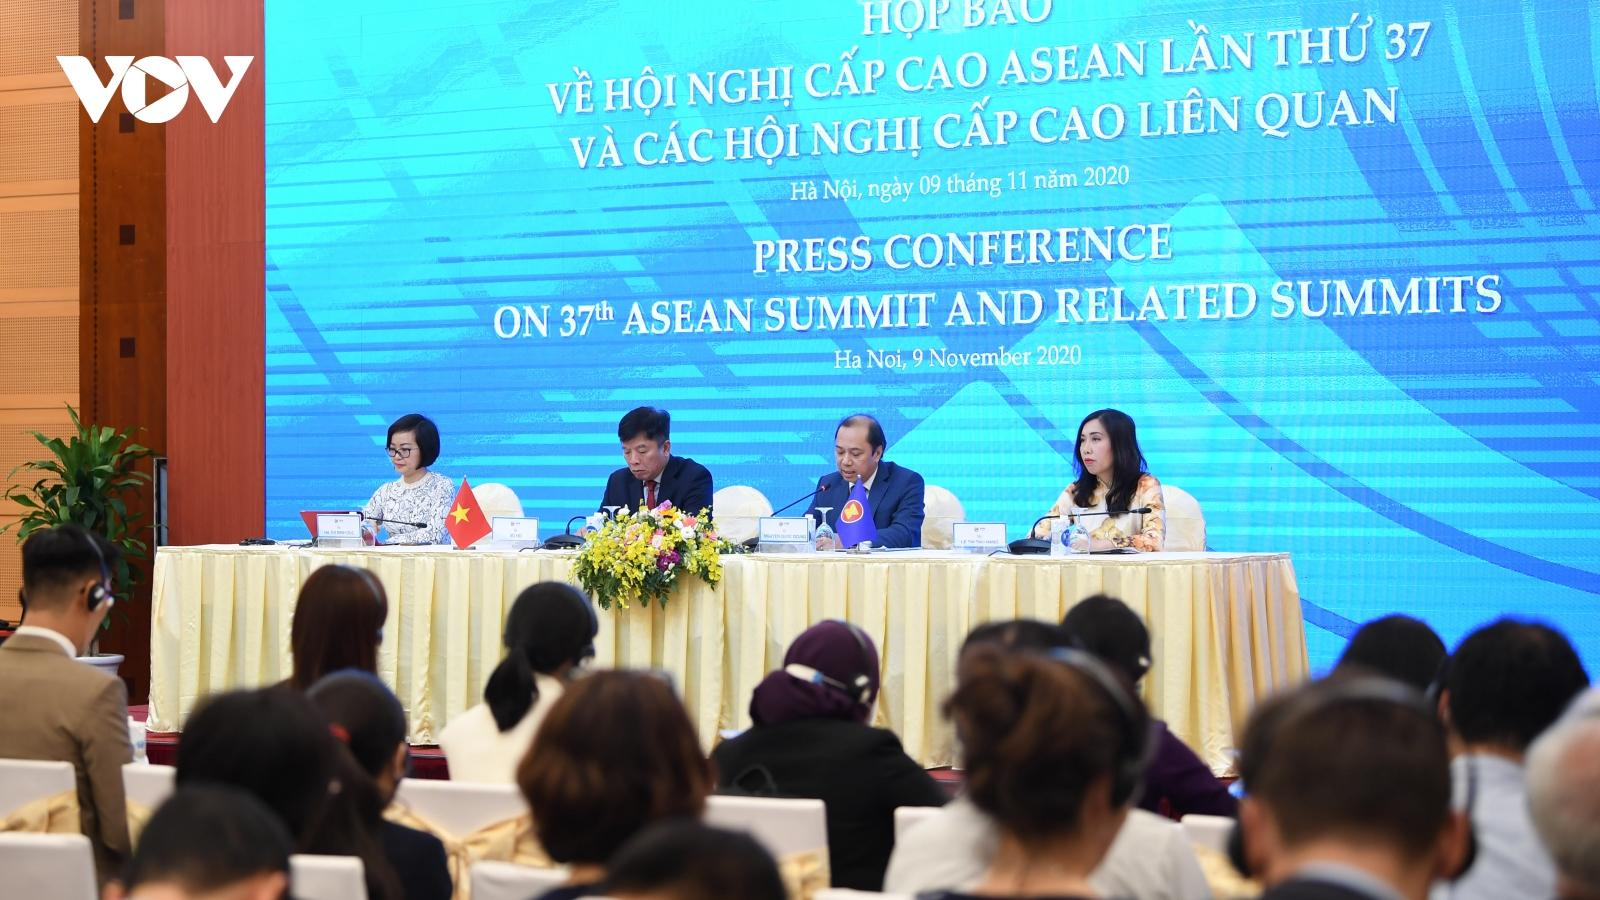 ASEAN tiến tới lập trung tâm ứng phó tình huống y tế công cộng khẩn cấp